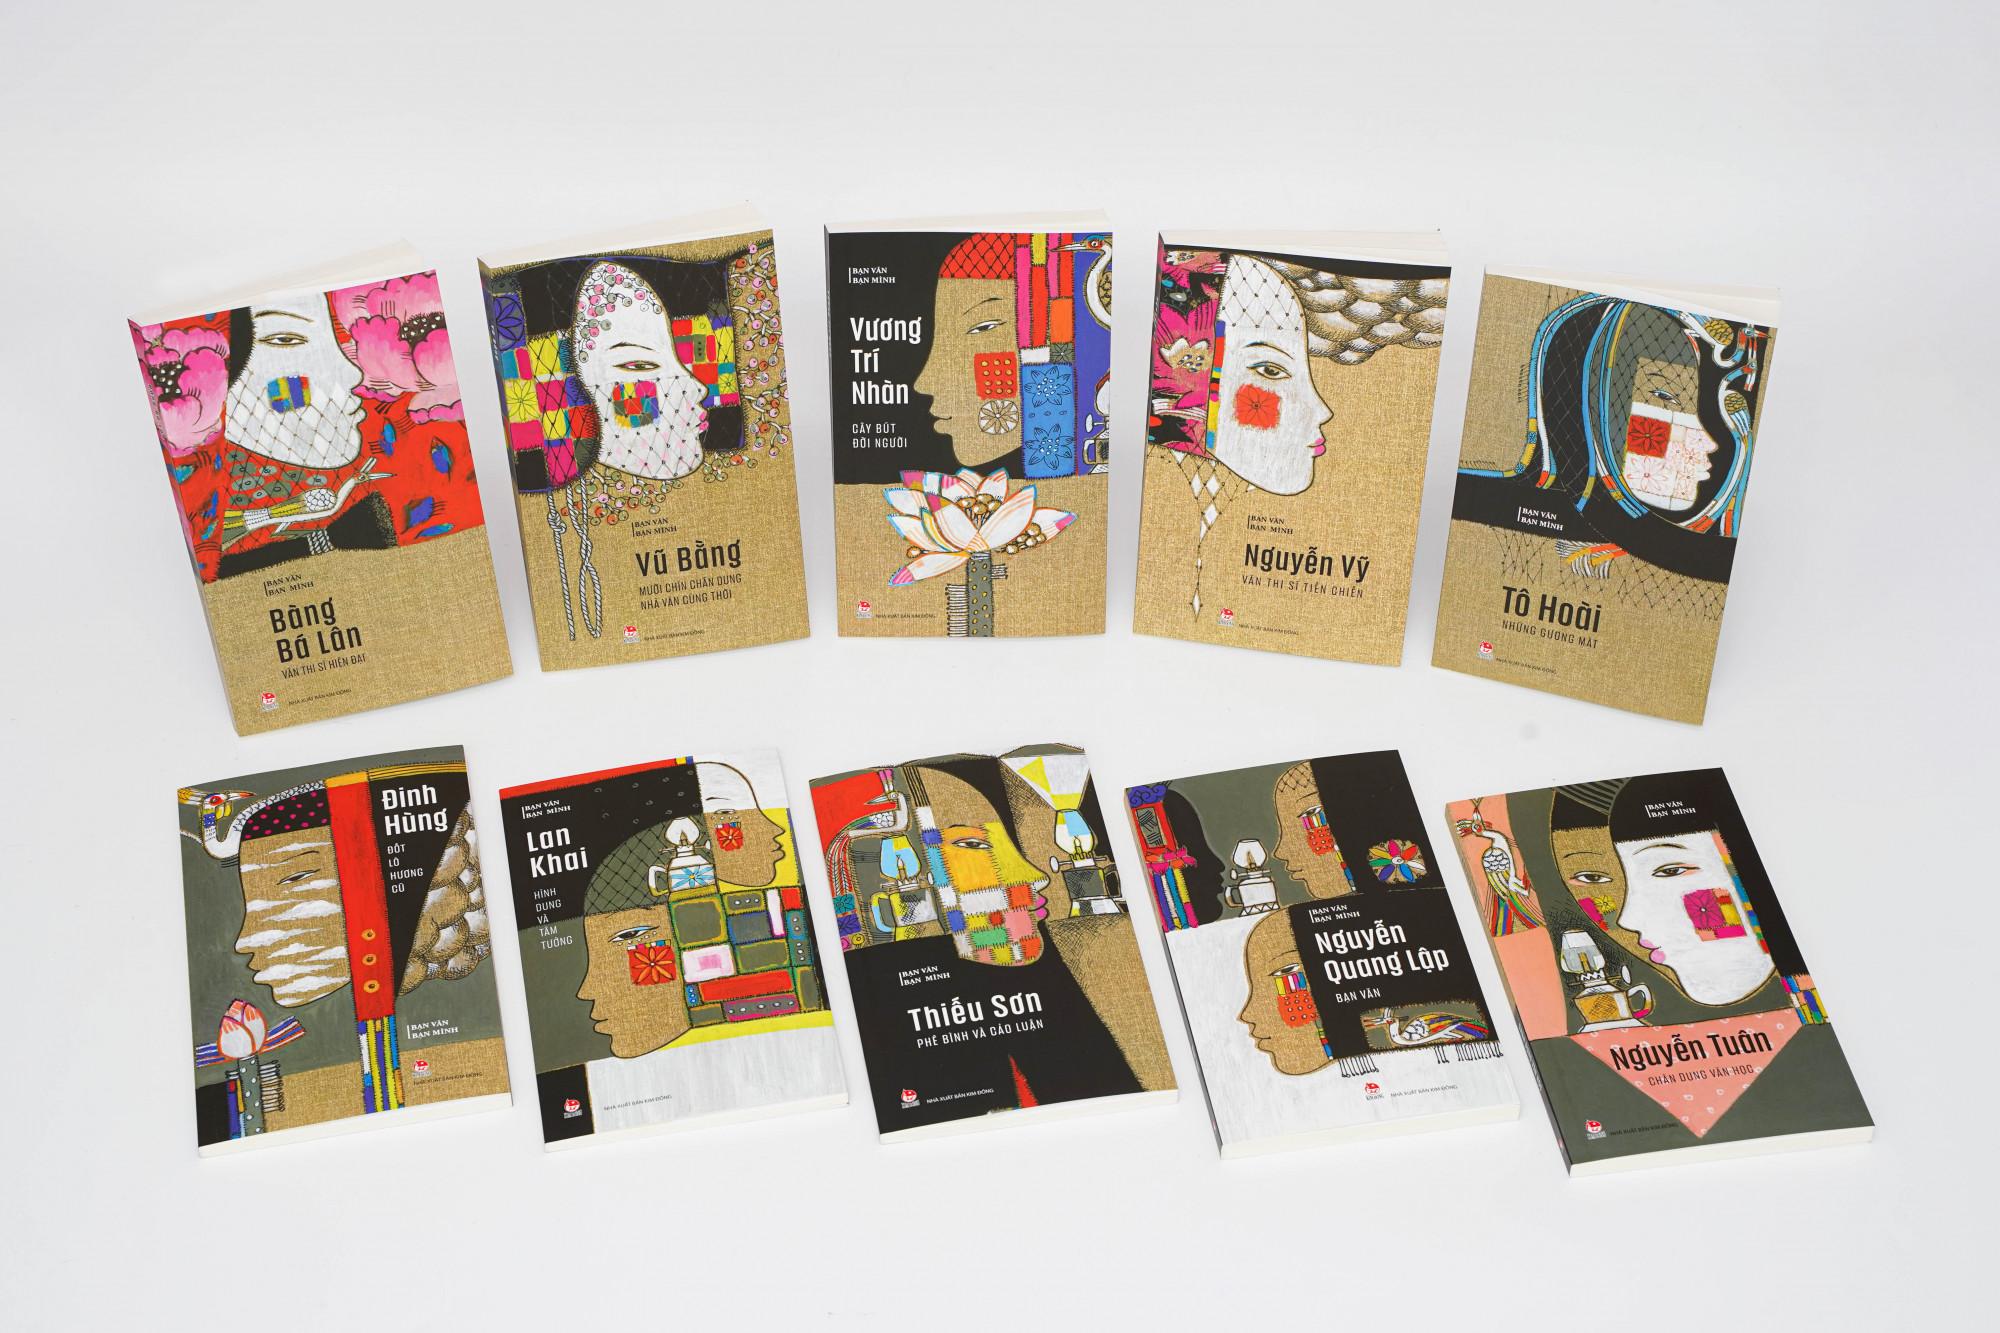 Bìa bộ sách Bạn văn bạn mình do họa sĩ Vũ Đình Tuấn vẽ